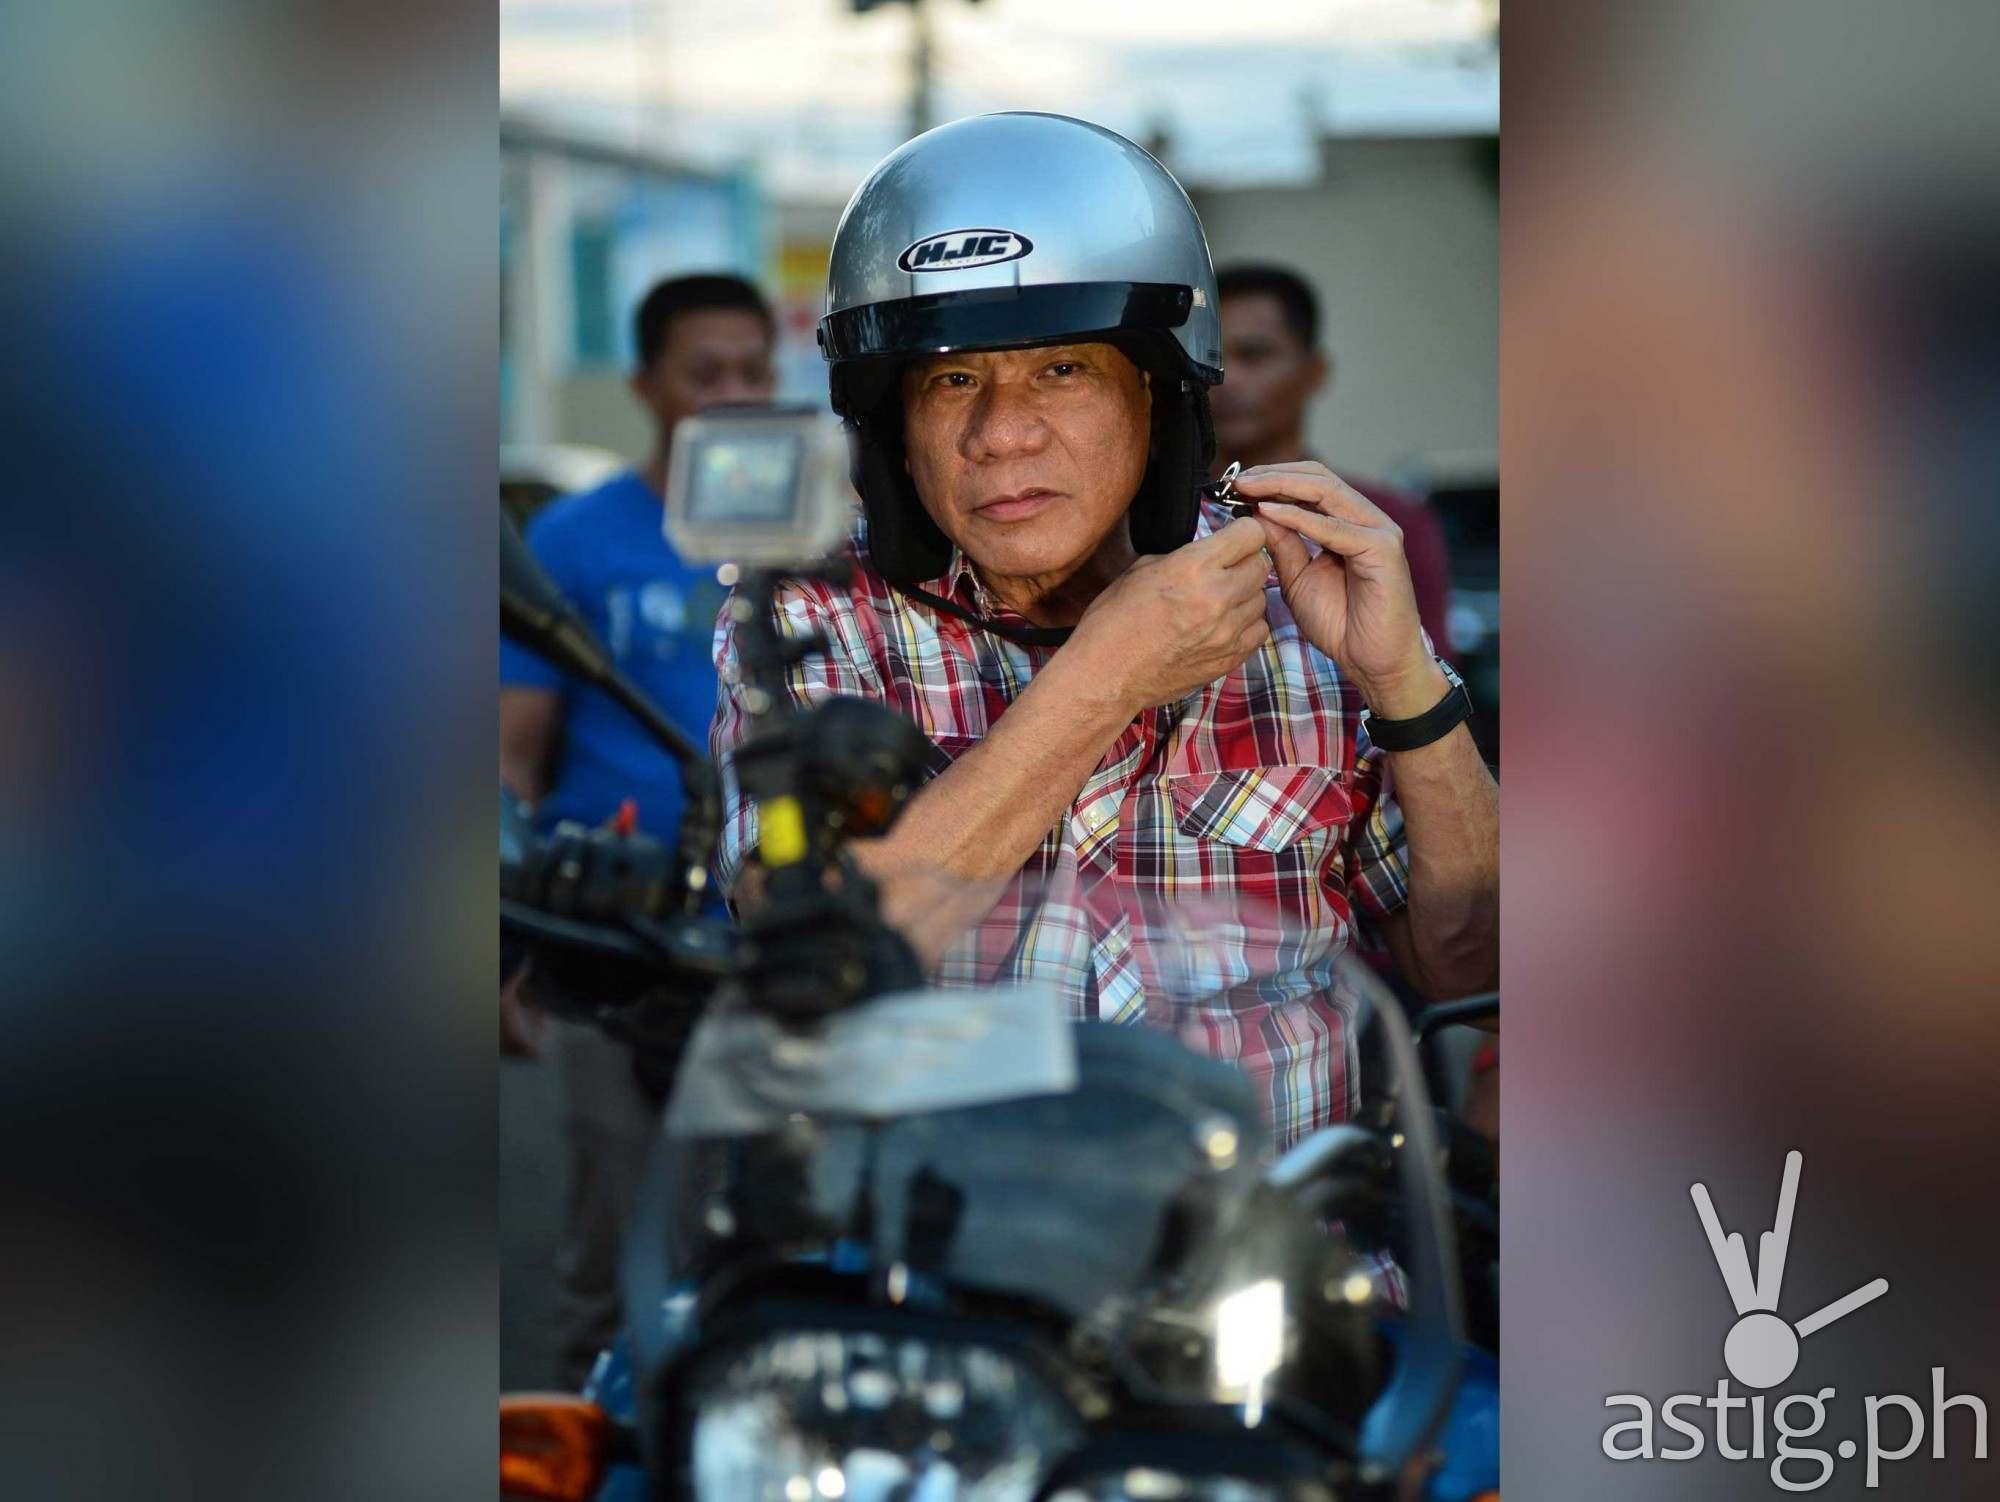 Rodrigo Duterte (source: Rody Duterte on Facebook